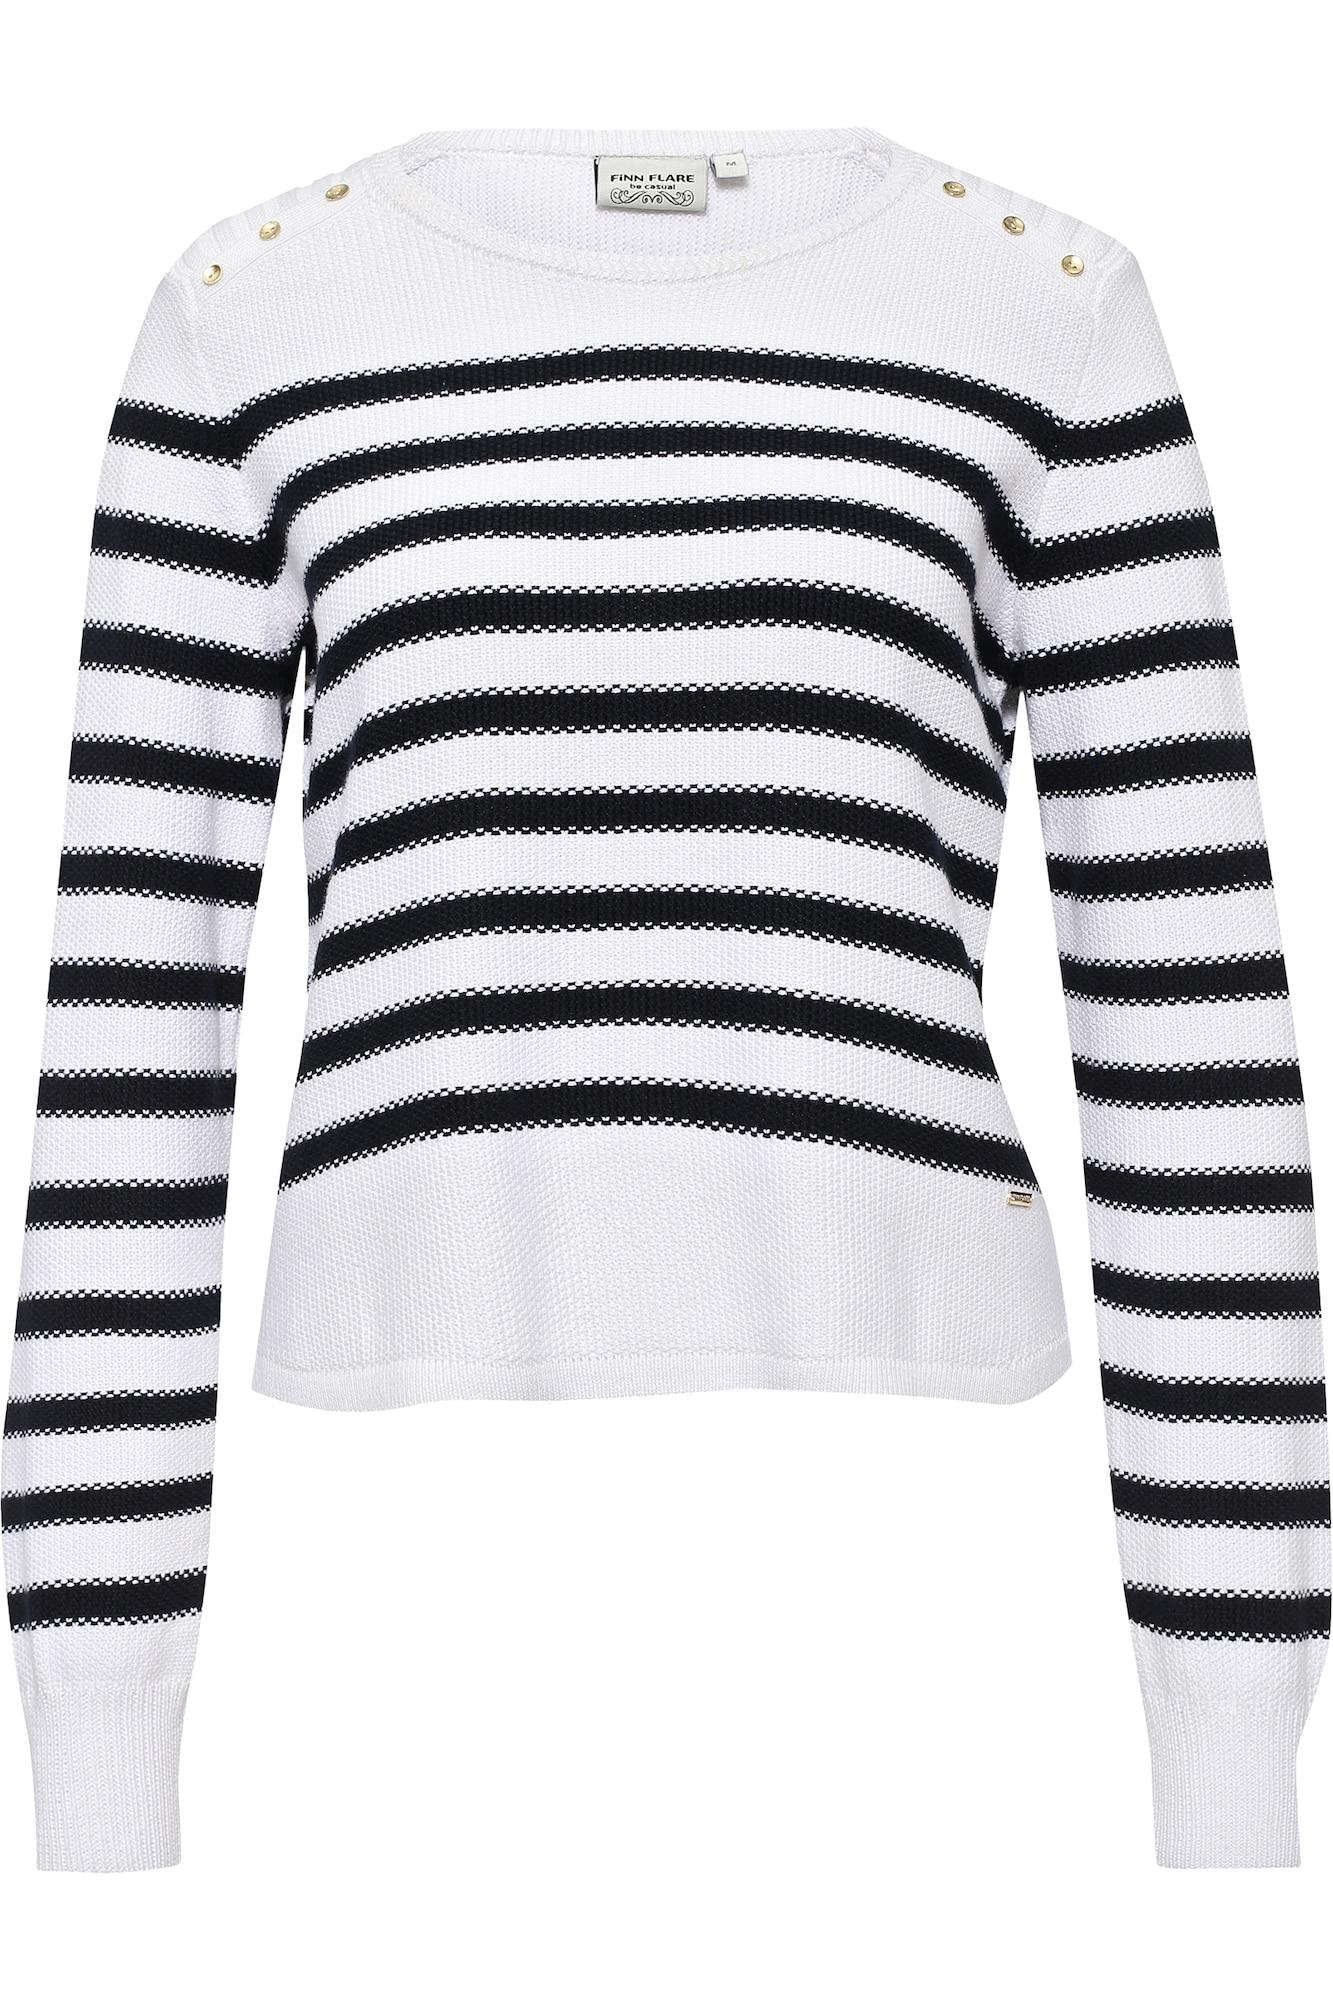 Streifenpullover   Bekleidung > Pullover > Streifenpullover   Weiß   Finn Flare